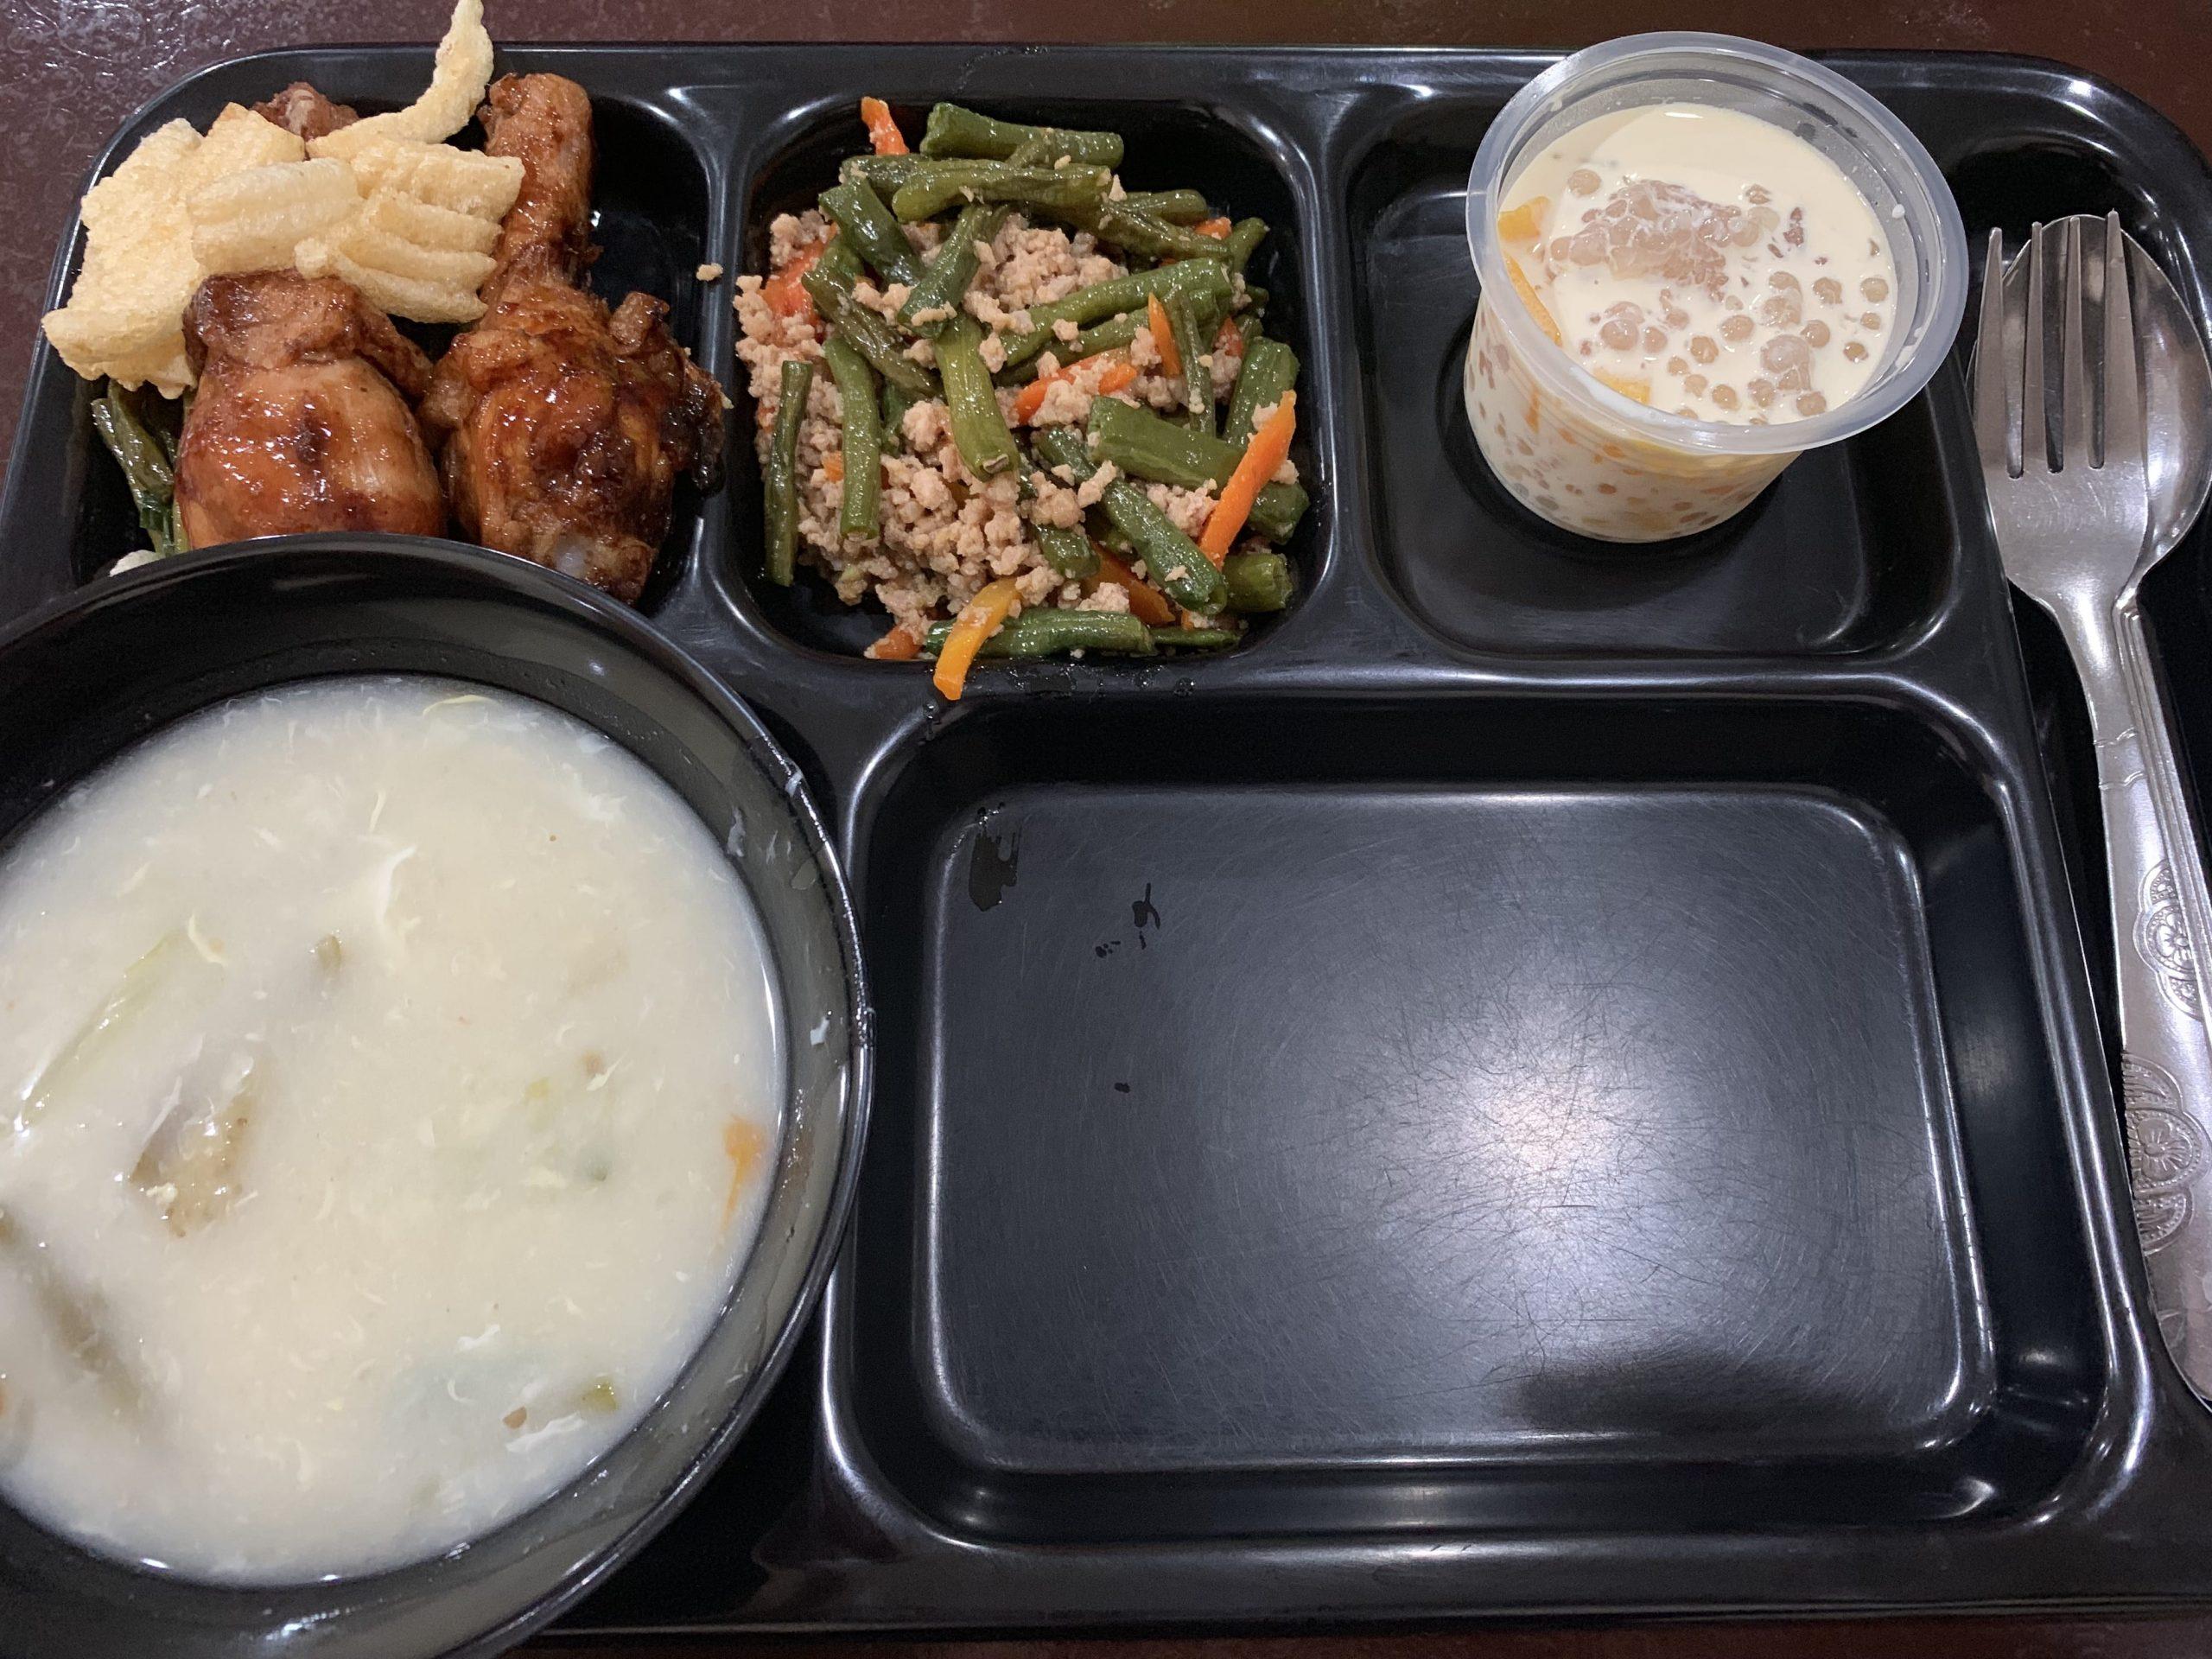 Những bữa ăn đầy đủ dinh dưỡng, được chế biến bởi những đầu bếp người Nhật